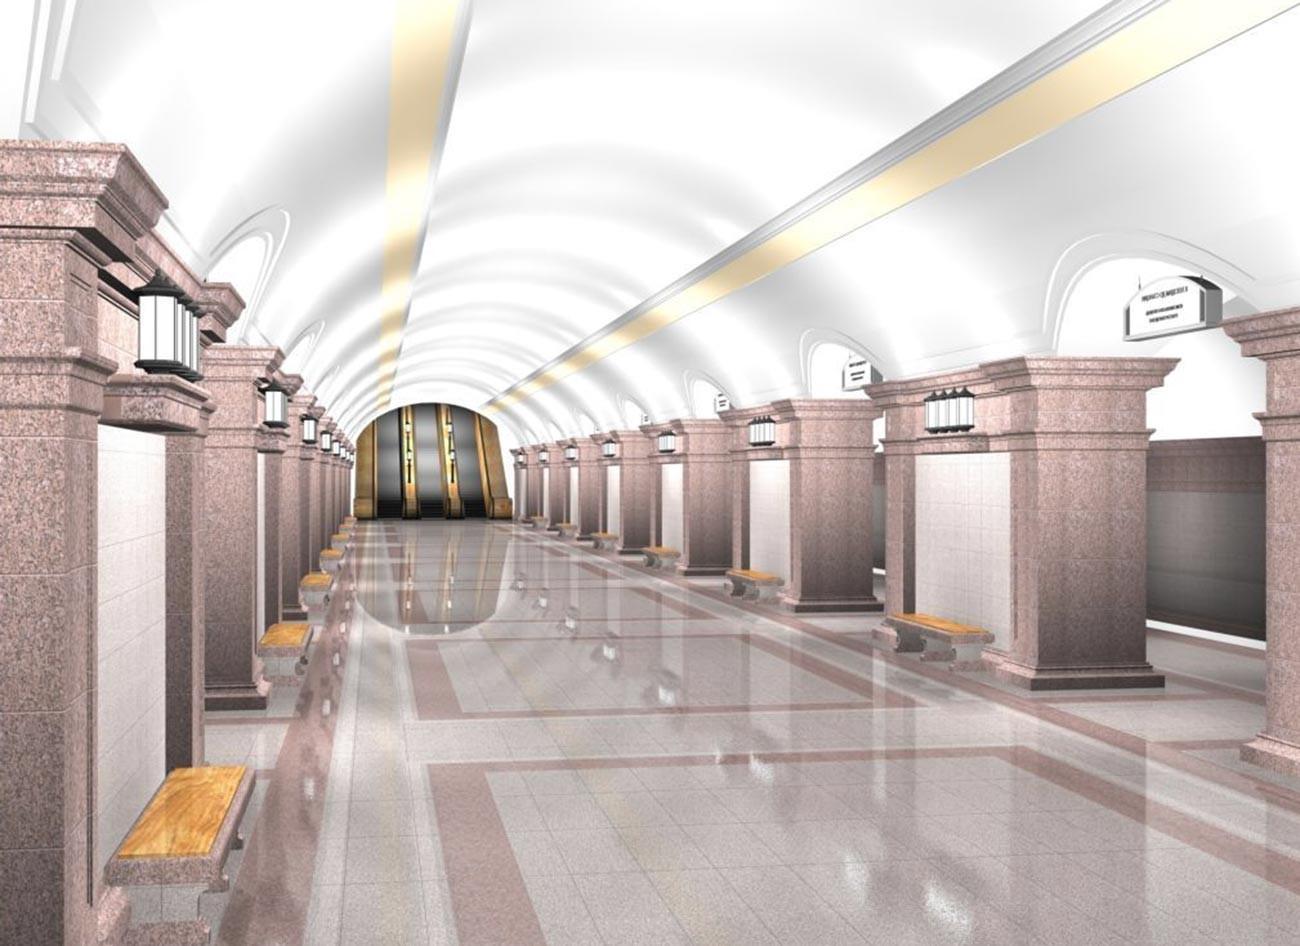 Tako bi lahko izgledala postaja podzemne železnice v Čeljabinsku.